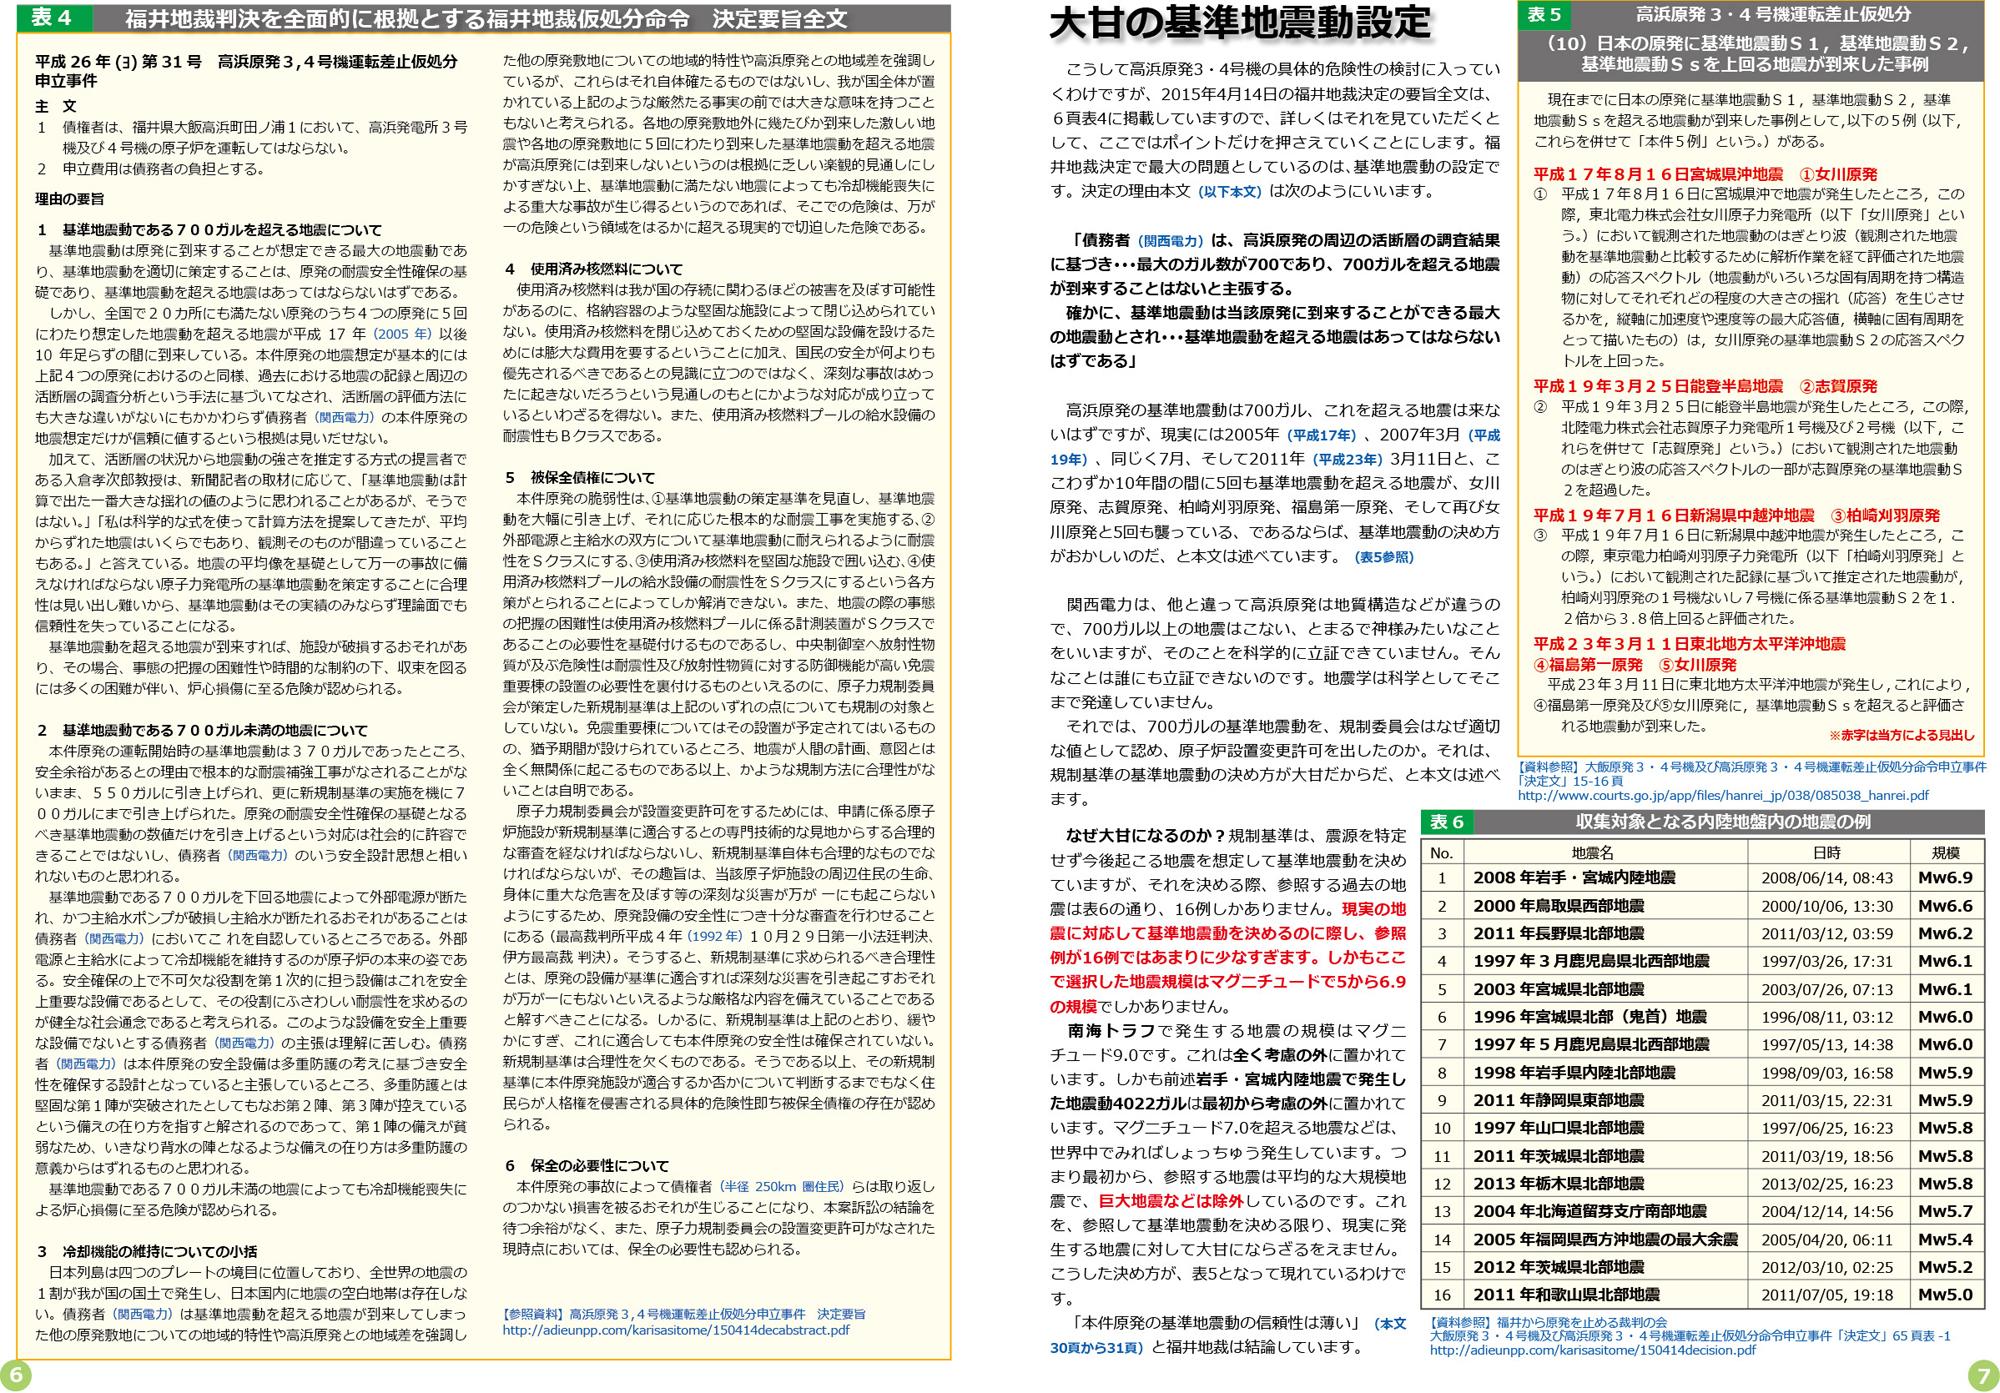 ファイル 413-4.jpg